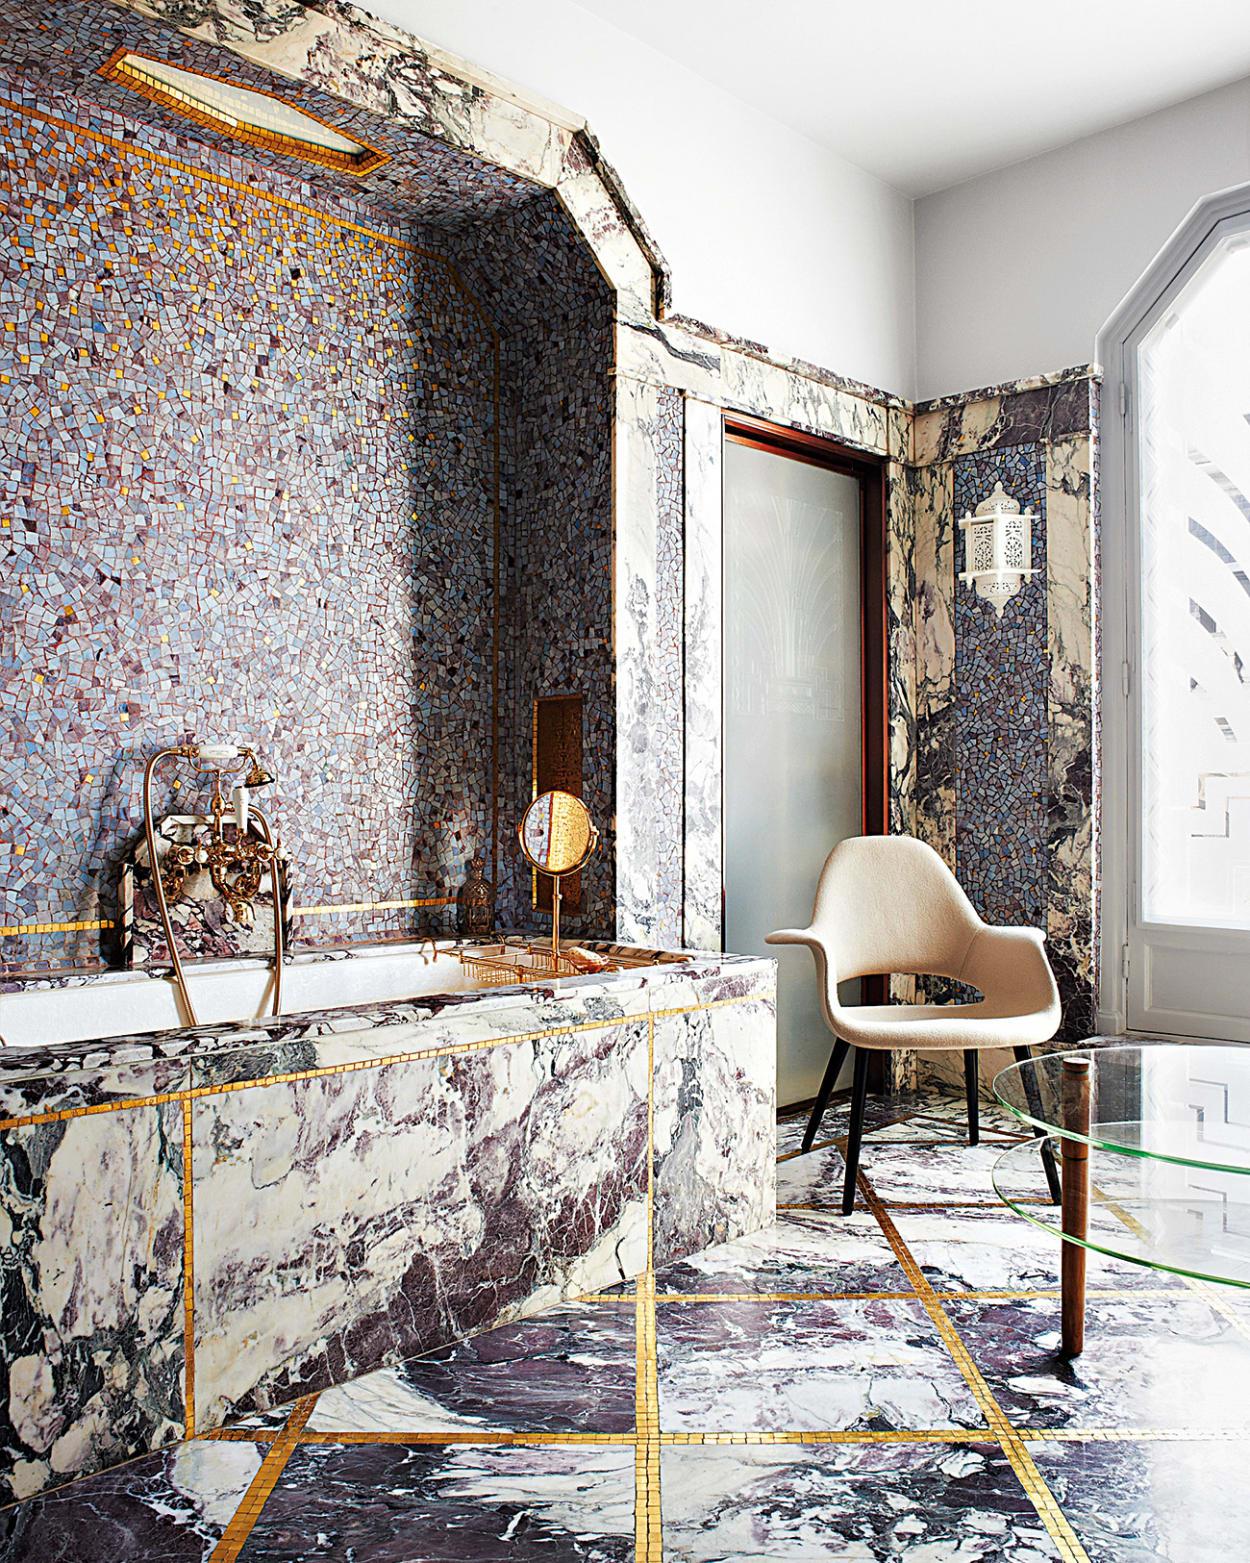 badezimmer italienischer stil italienische badm bel badezimmerm bel von arte povera. Black Bedroom Furniture Sets. Home Design Ideas